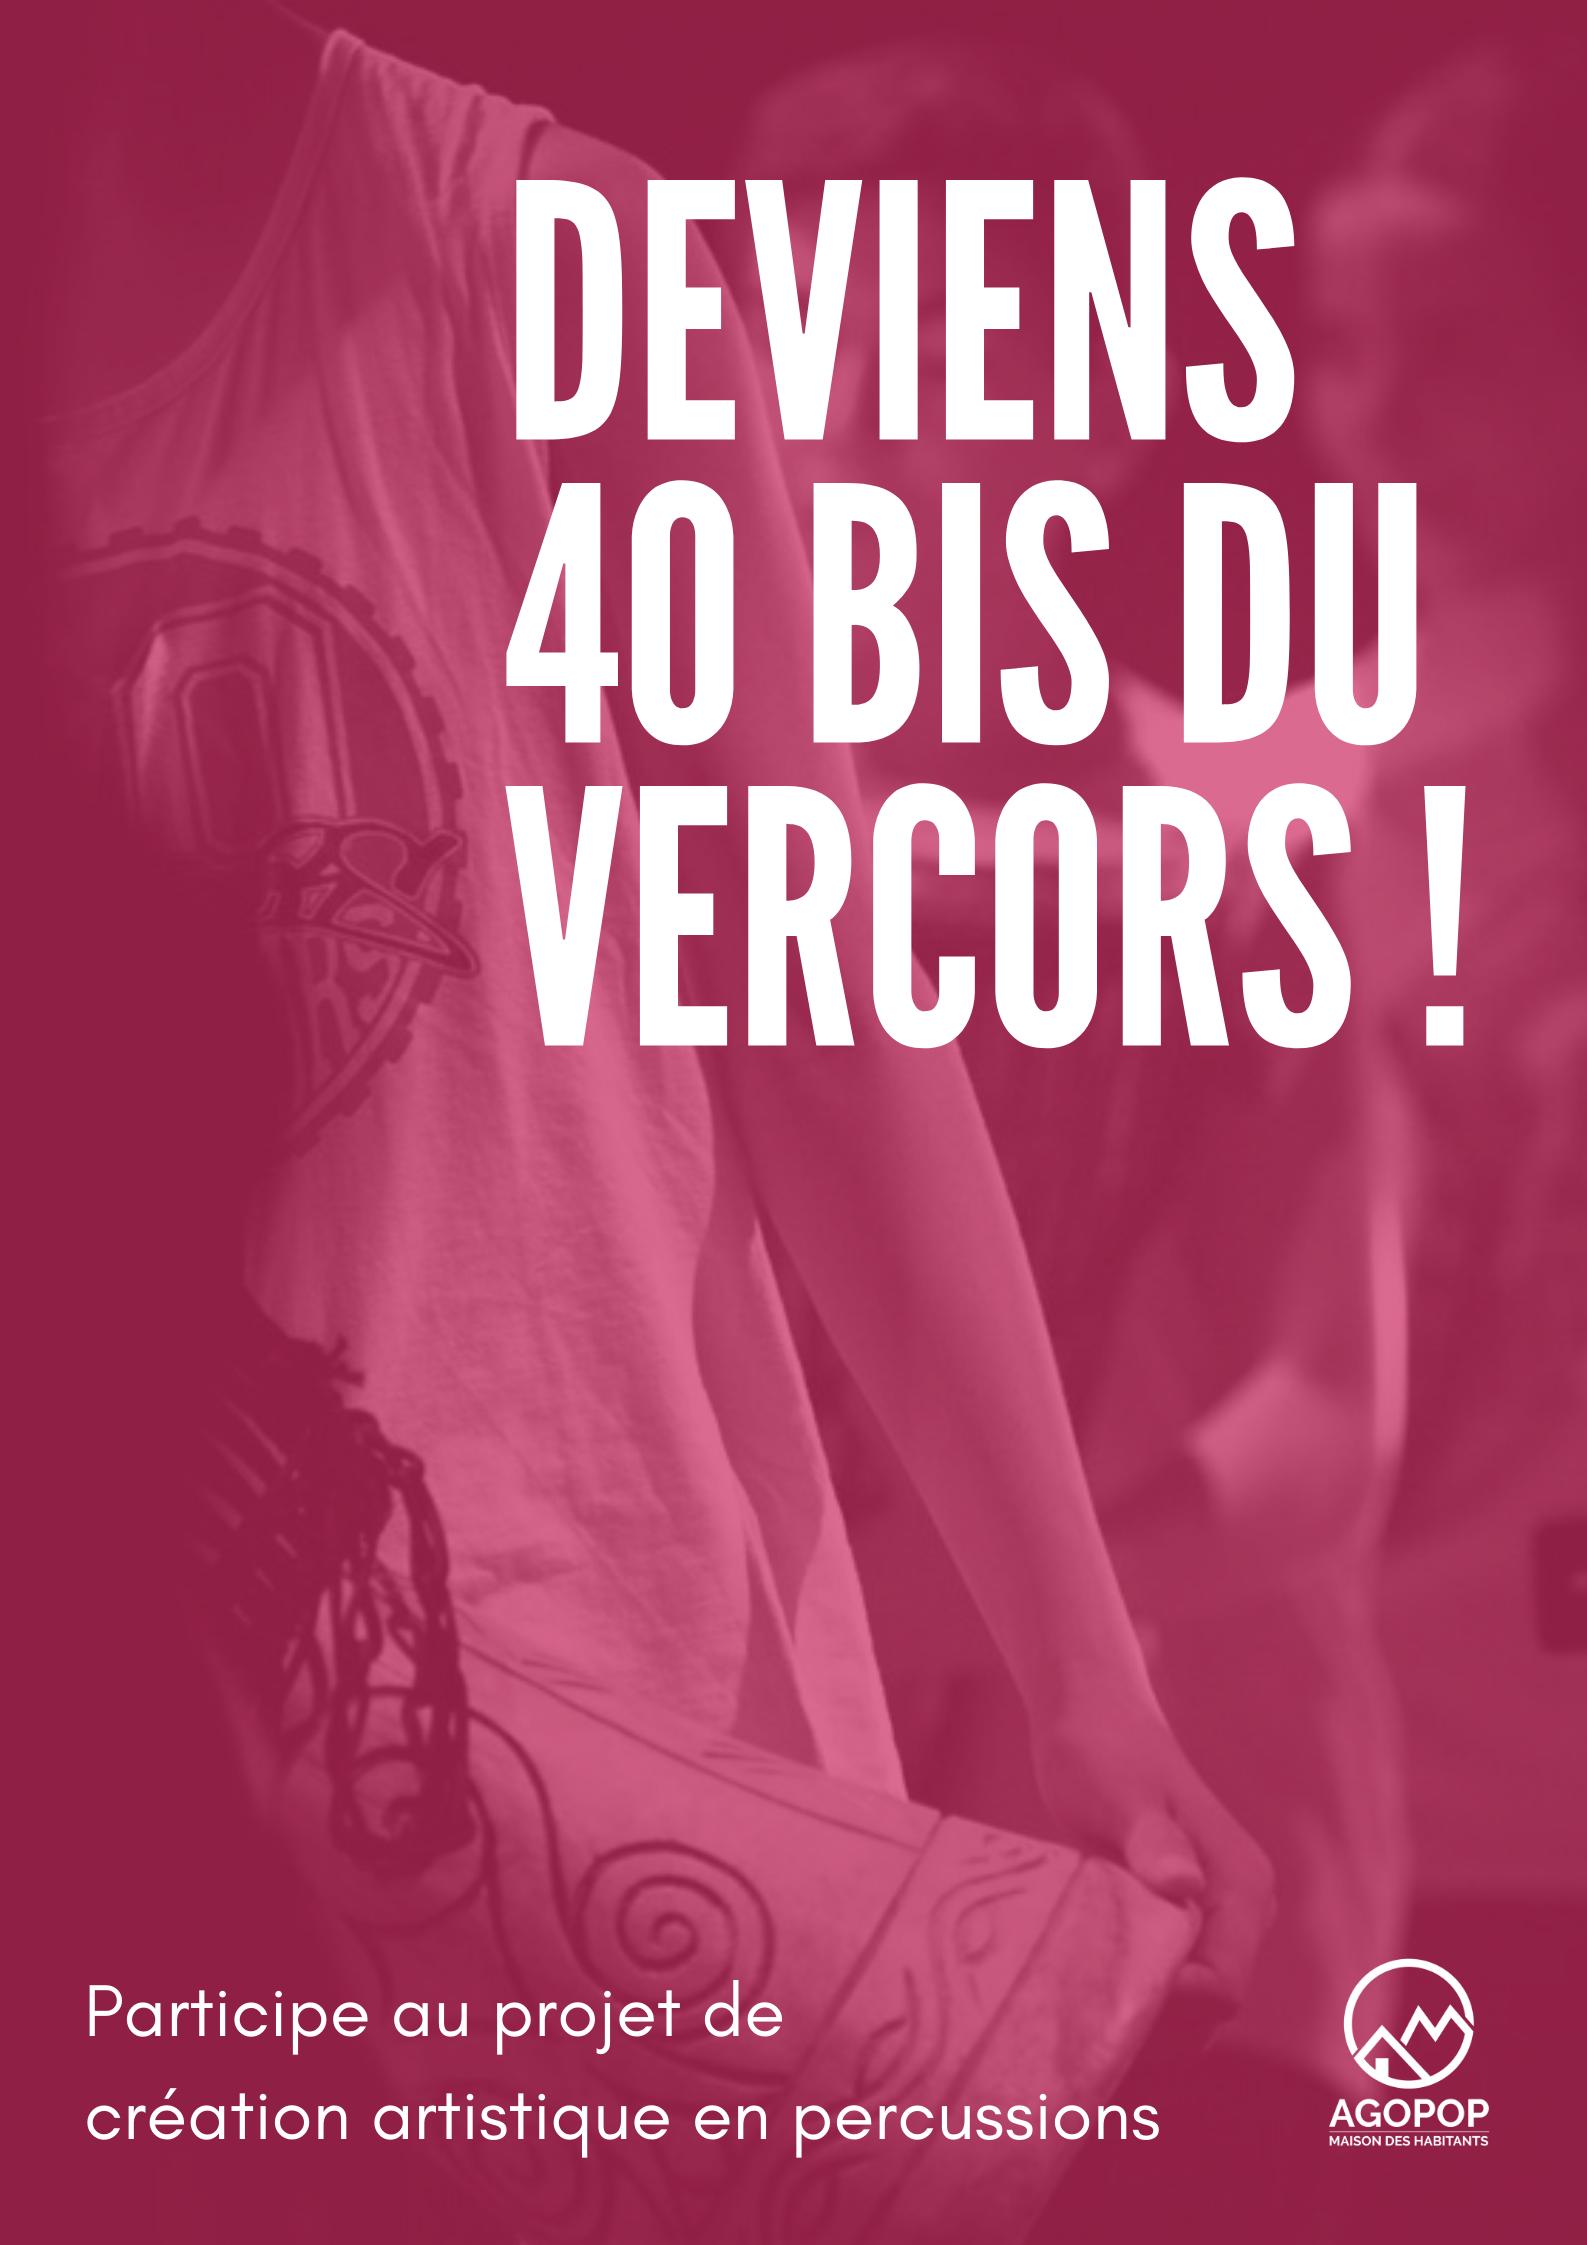 Démarrage des Ateliers Percussions : Deviens un 40 Bis du Vercors ! @ Agopop, Maison des Habitants